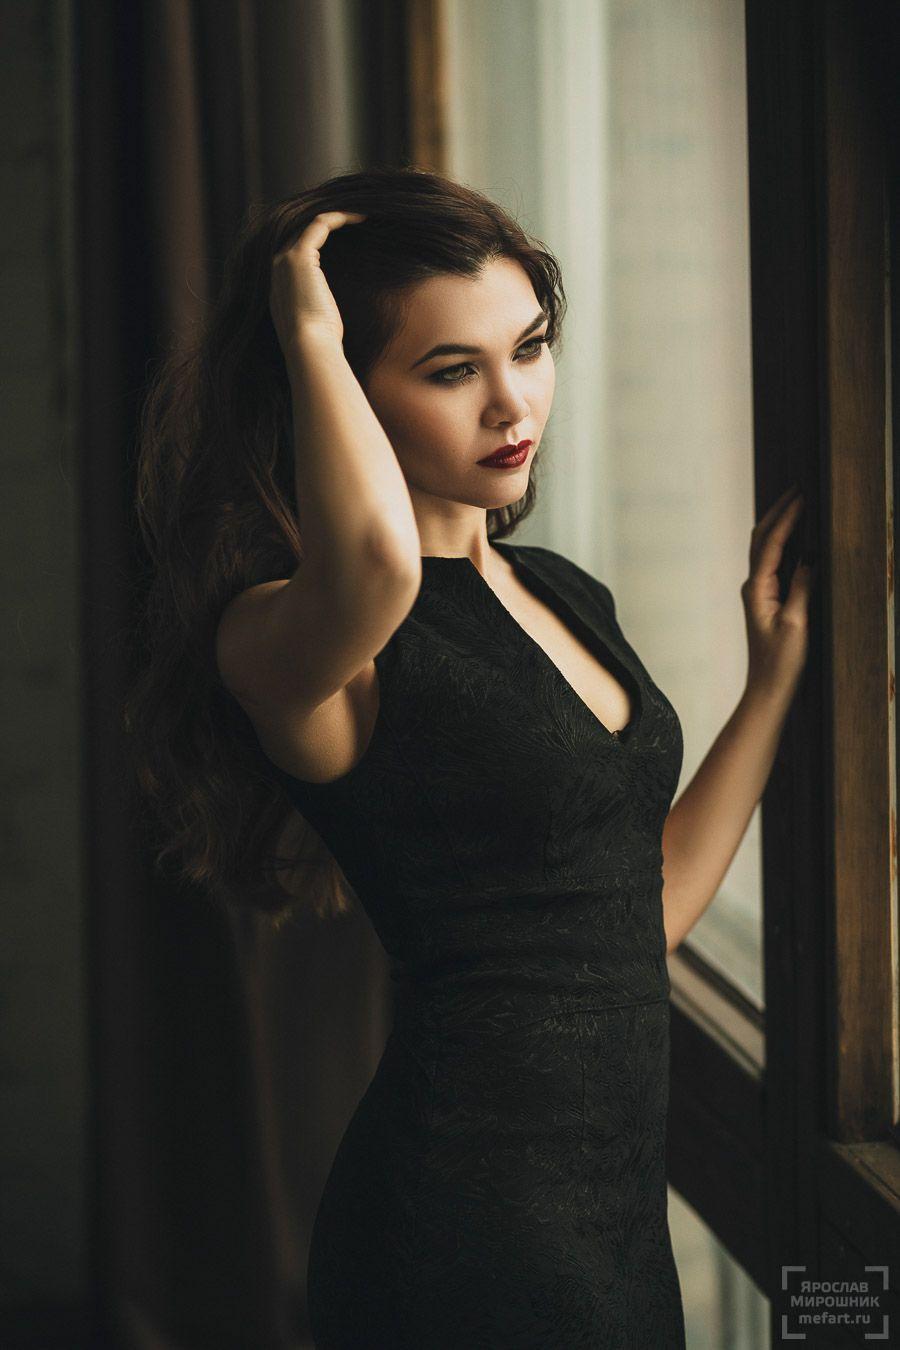 30dca325c0e фотосессия в студии в москве  девушка в черном платье с красными губами фото